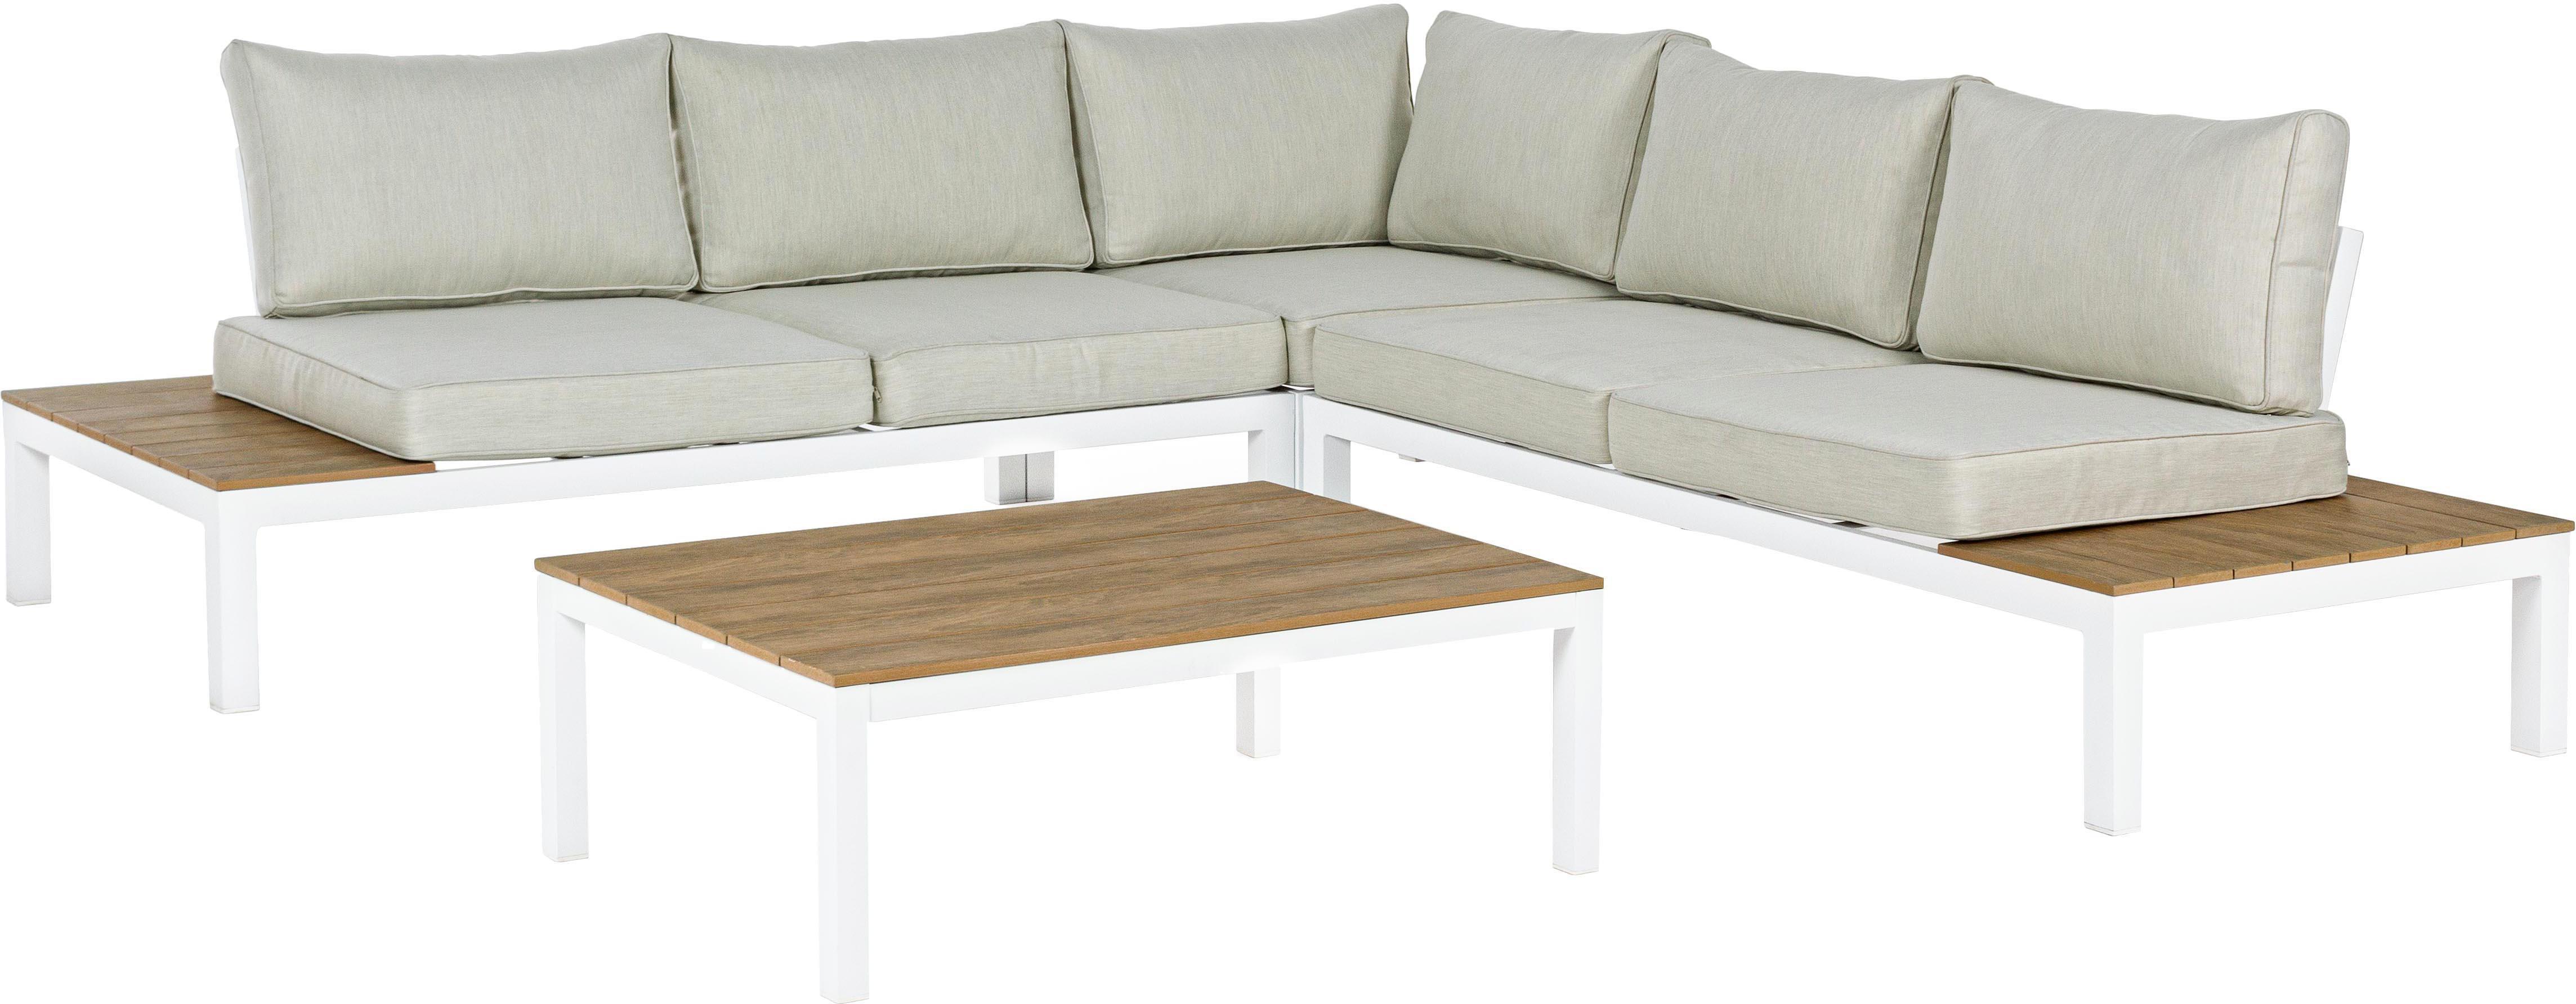 Set lounge de exterior Elias, 4pzas., Estructura: aluminio con pintura en p, Asiento: madera contrachapada recu, Blanco, teca, beige, Tamaños diferentes